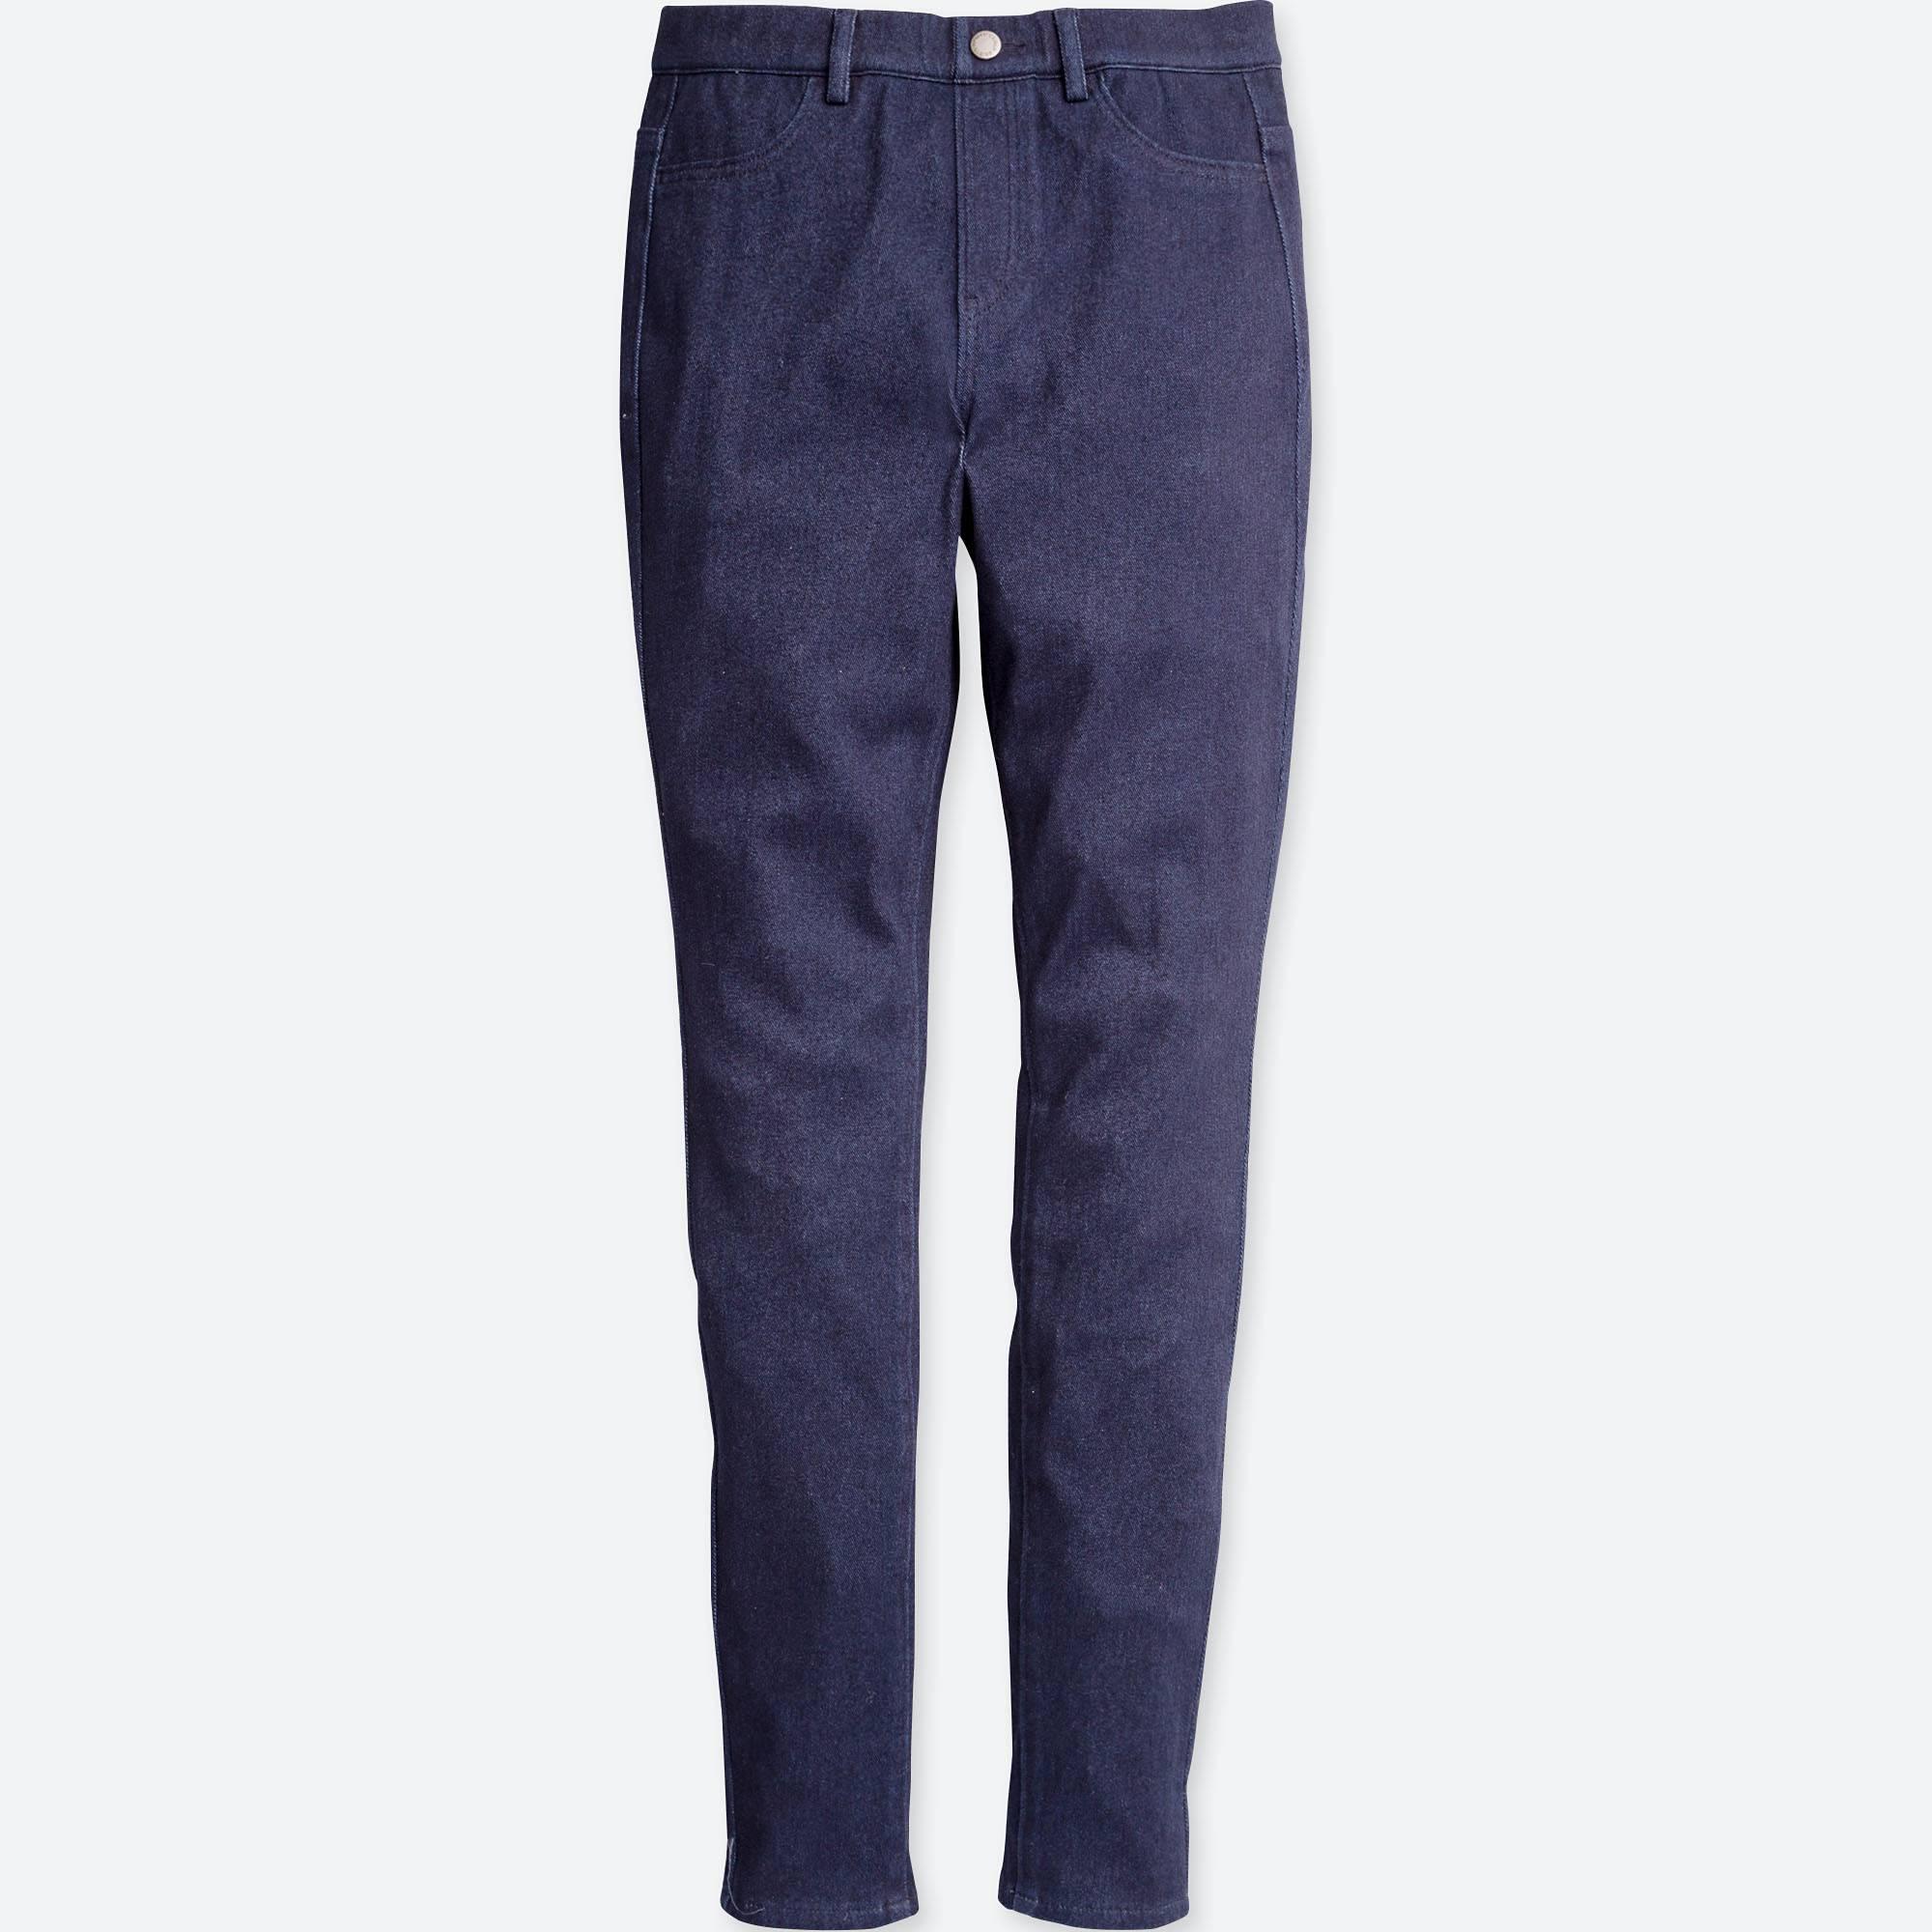 ユニクロ/ パンツ women denim leggings pants